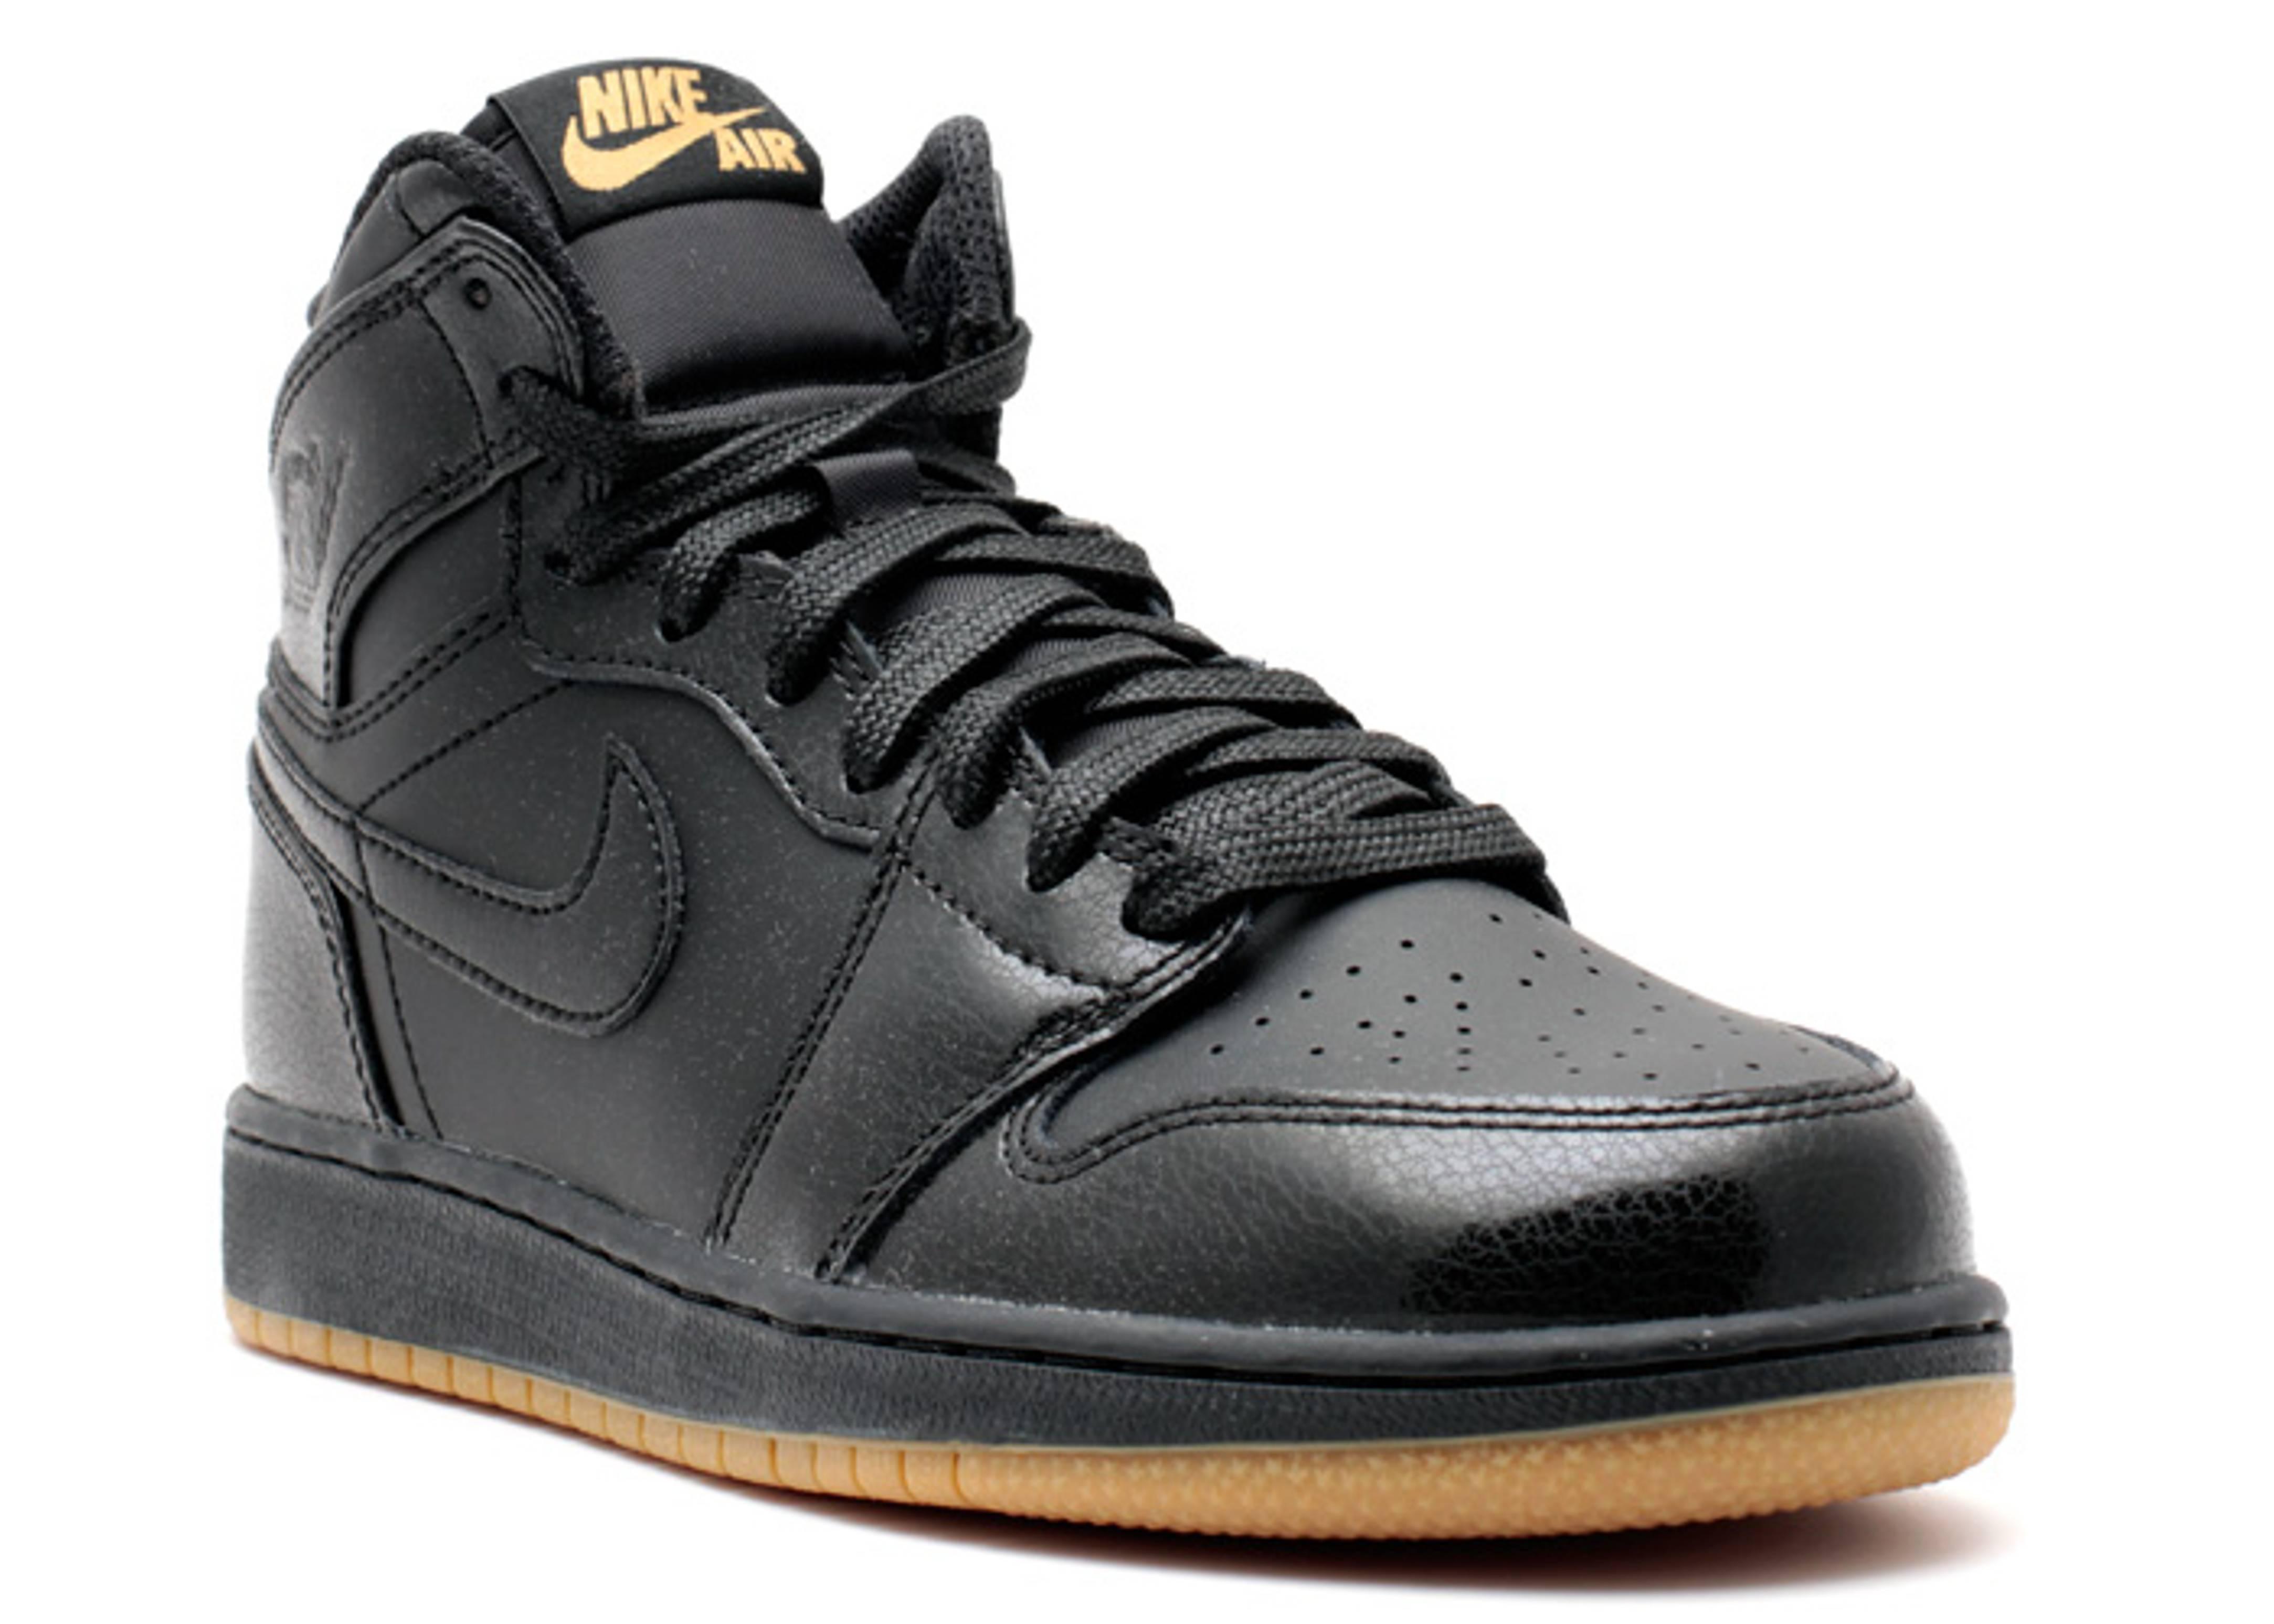 69ff65de0b9ea4 Air Jordan 1 Retro Bg (gs) - Air Jordan - 575441 020 - black black-gum  light brown